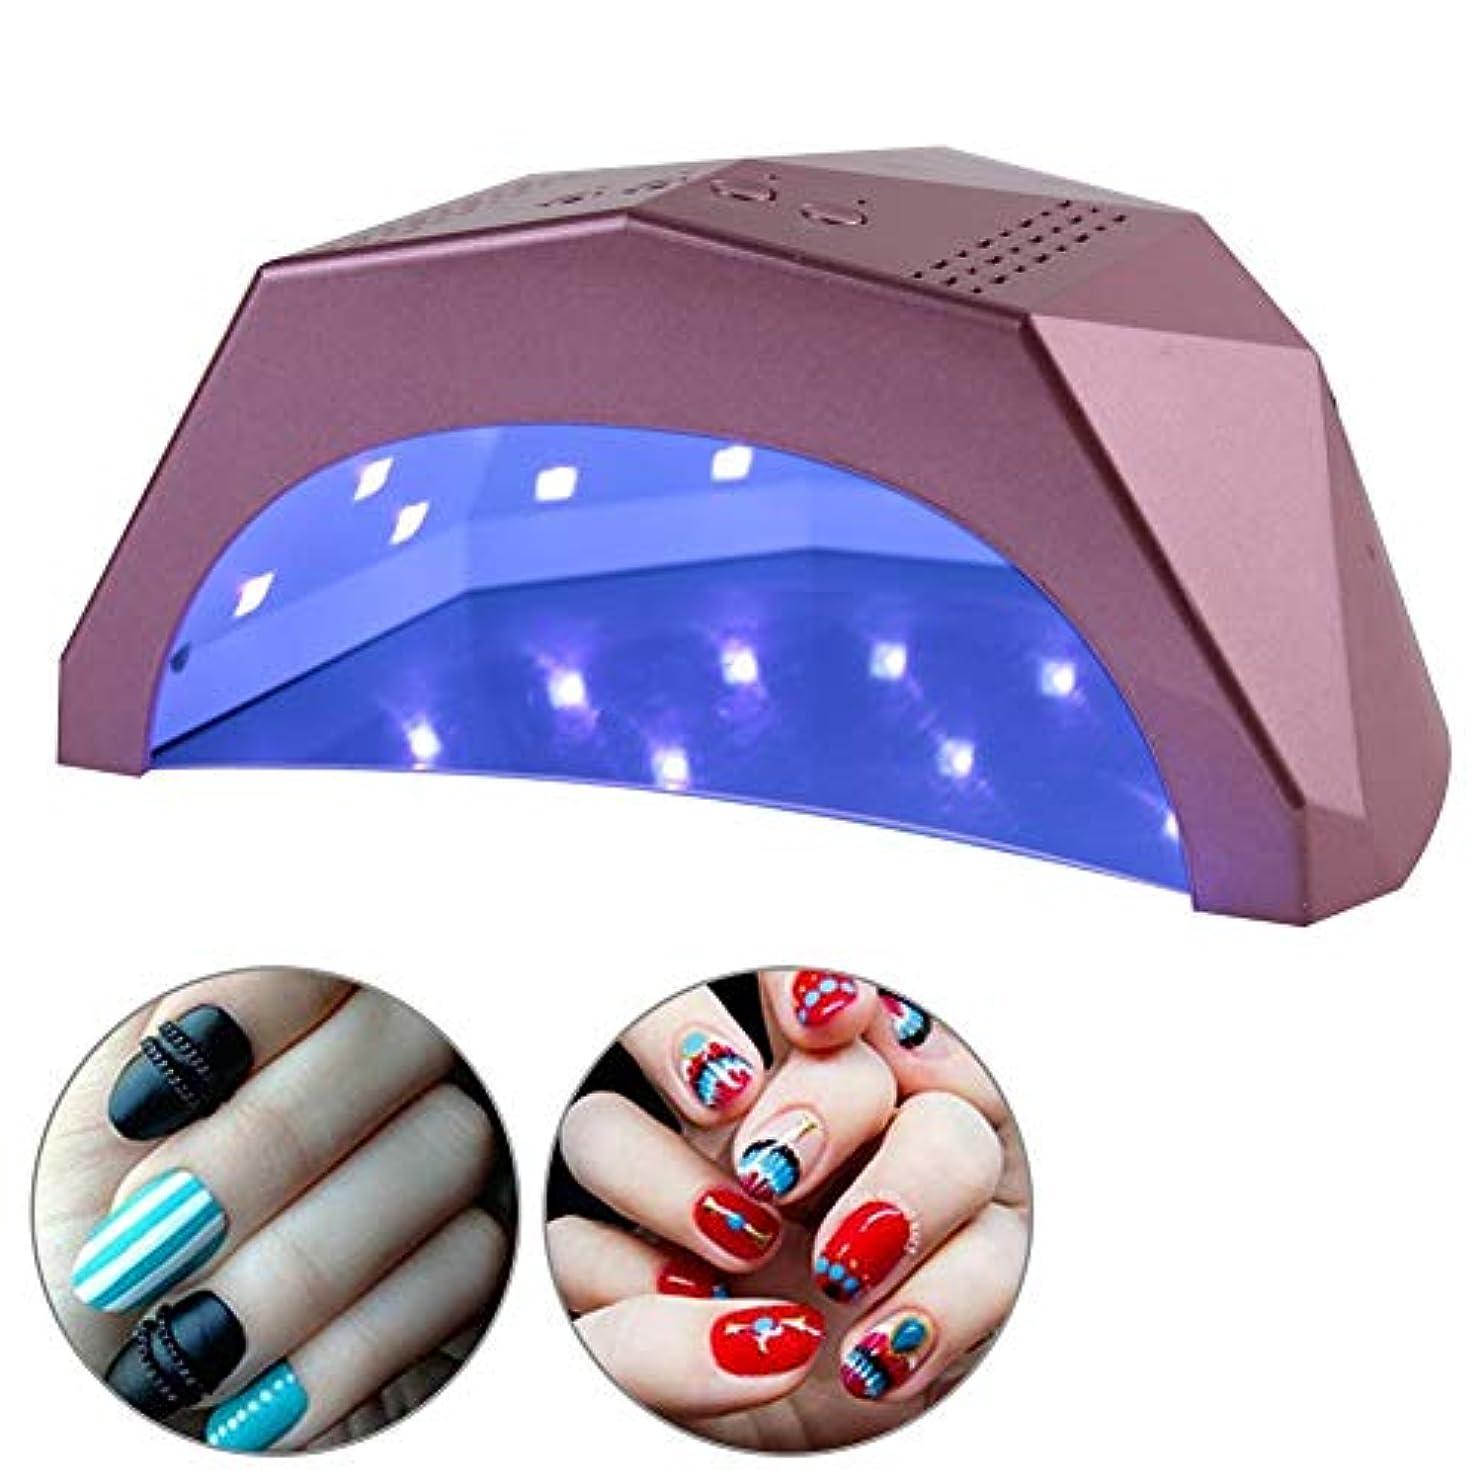 静める小包シットコム24W/48W 切り替え可能ネイルドライヤー 30個LEDライト 自動センサー 3つのタイマー付き UV LED ネイルランプ(01)